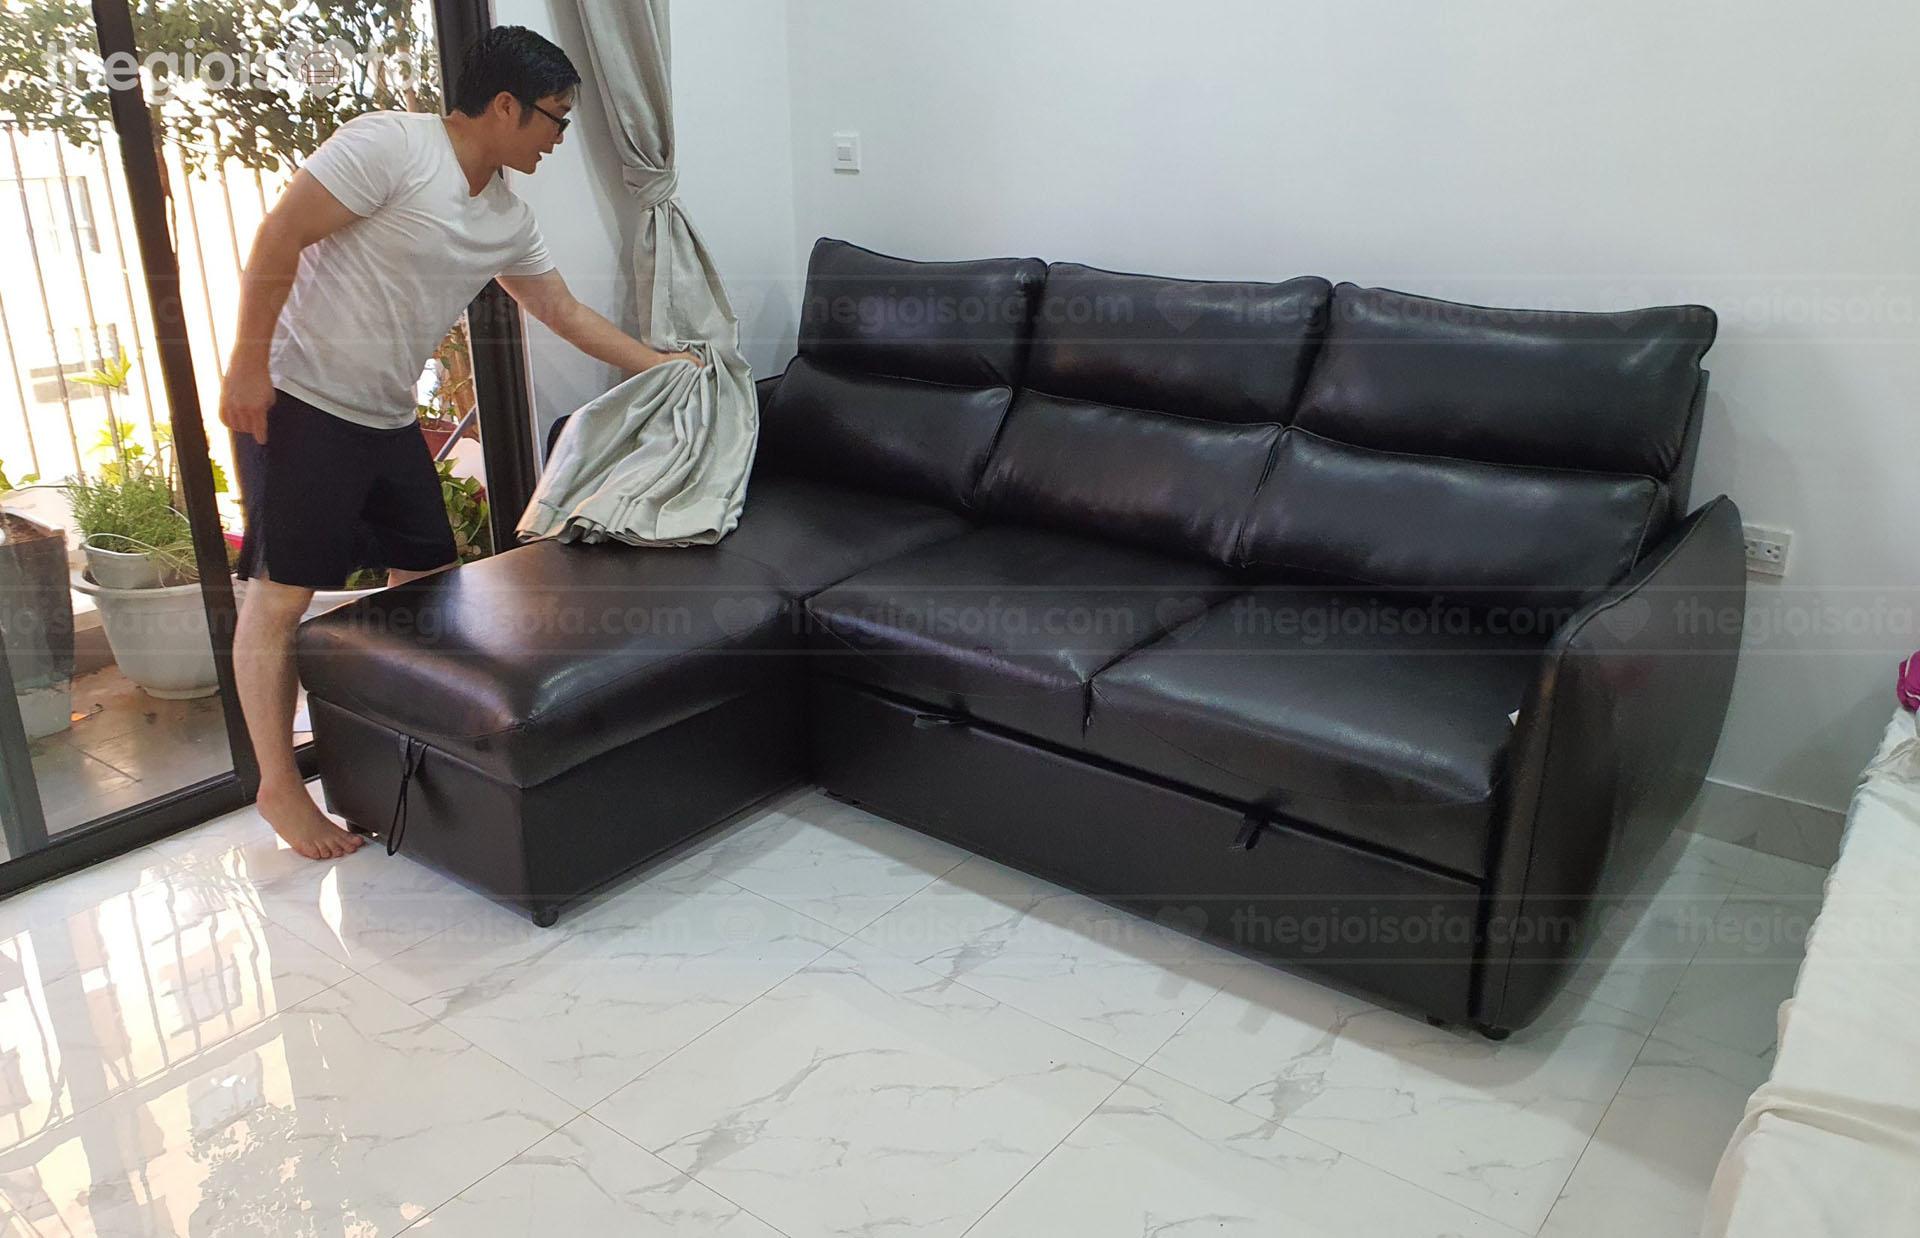 Giao hàng sofa giường Lisandra cho chị Nam ở Dcapital Trần Duy Hưng - Cầu Giấy - Hà Nội